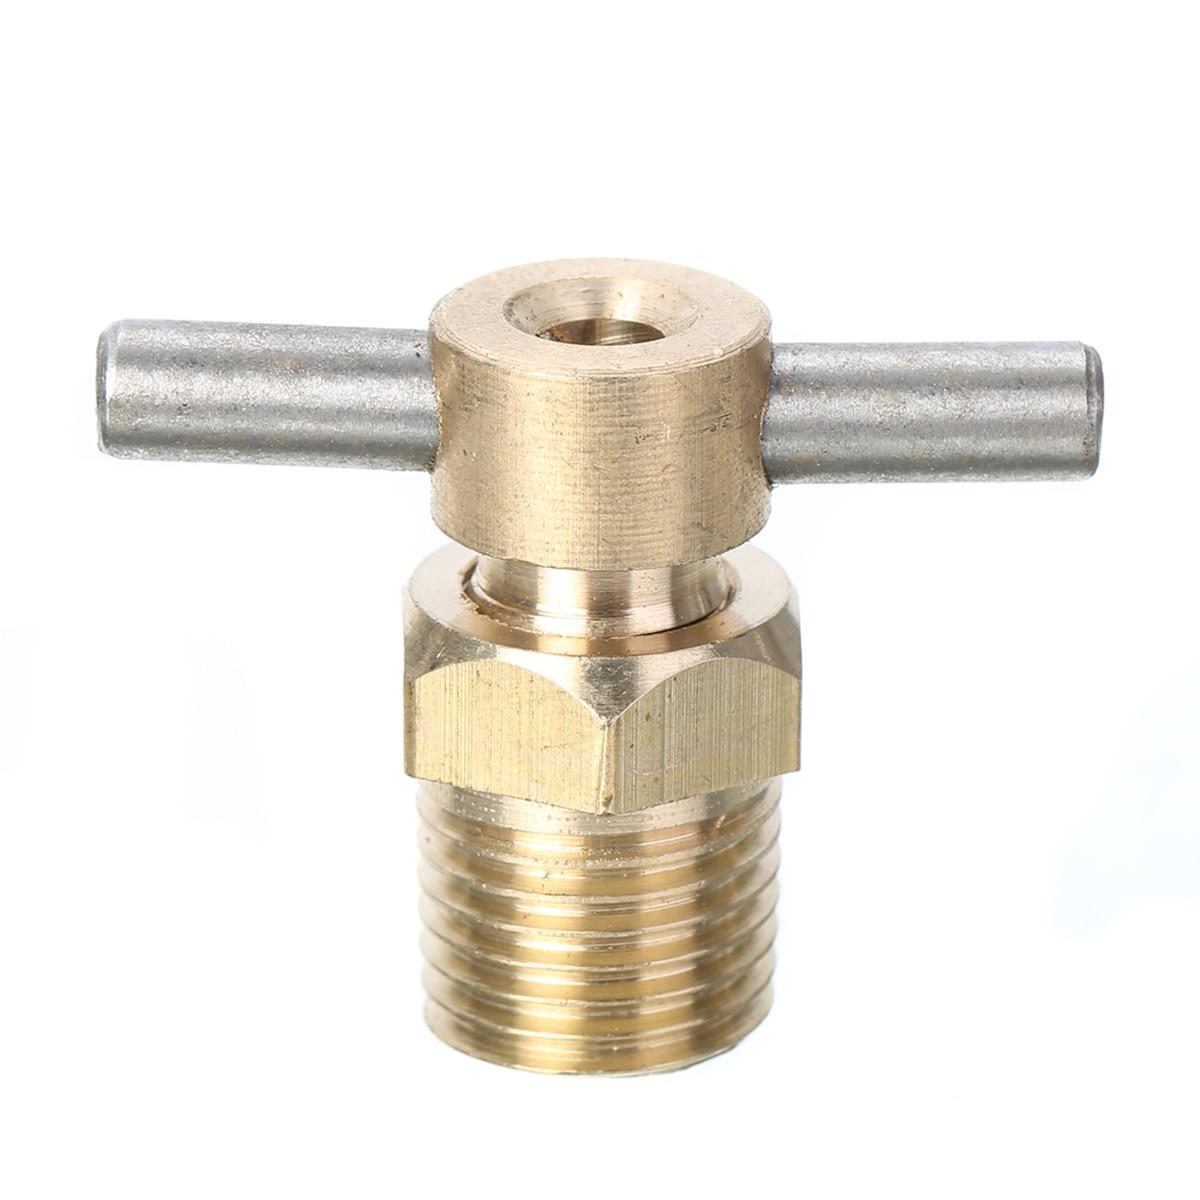 1 Stück Messing Ablassventil 12mm Durchmesser Standby-ventil 1/4 Zoll Npt Für Kompressor Tank Teile Sanitär